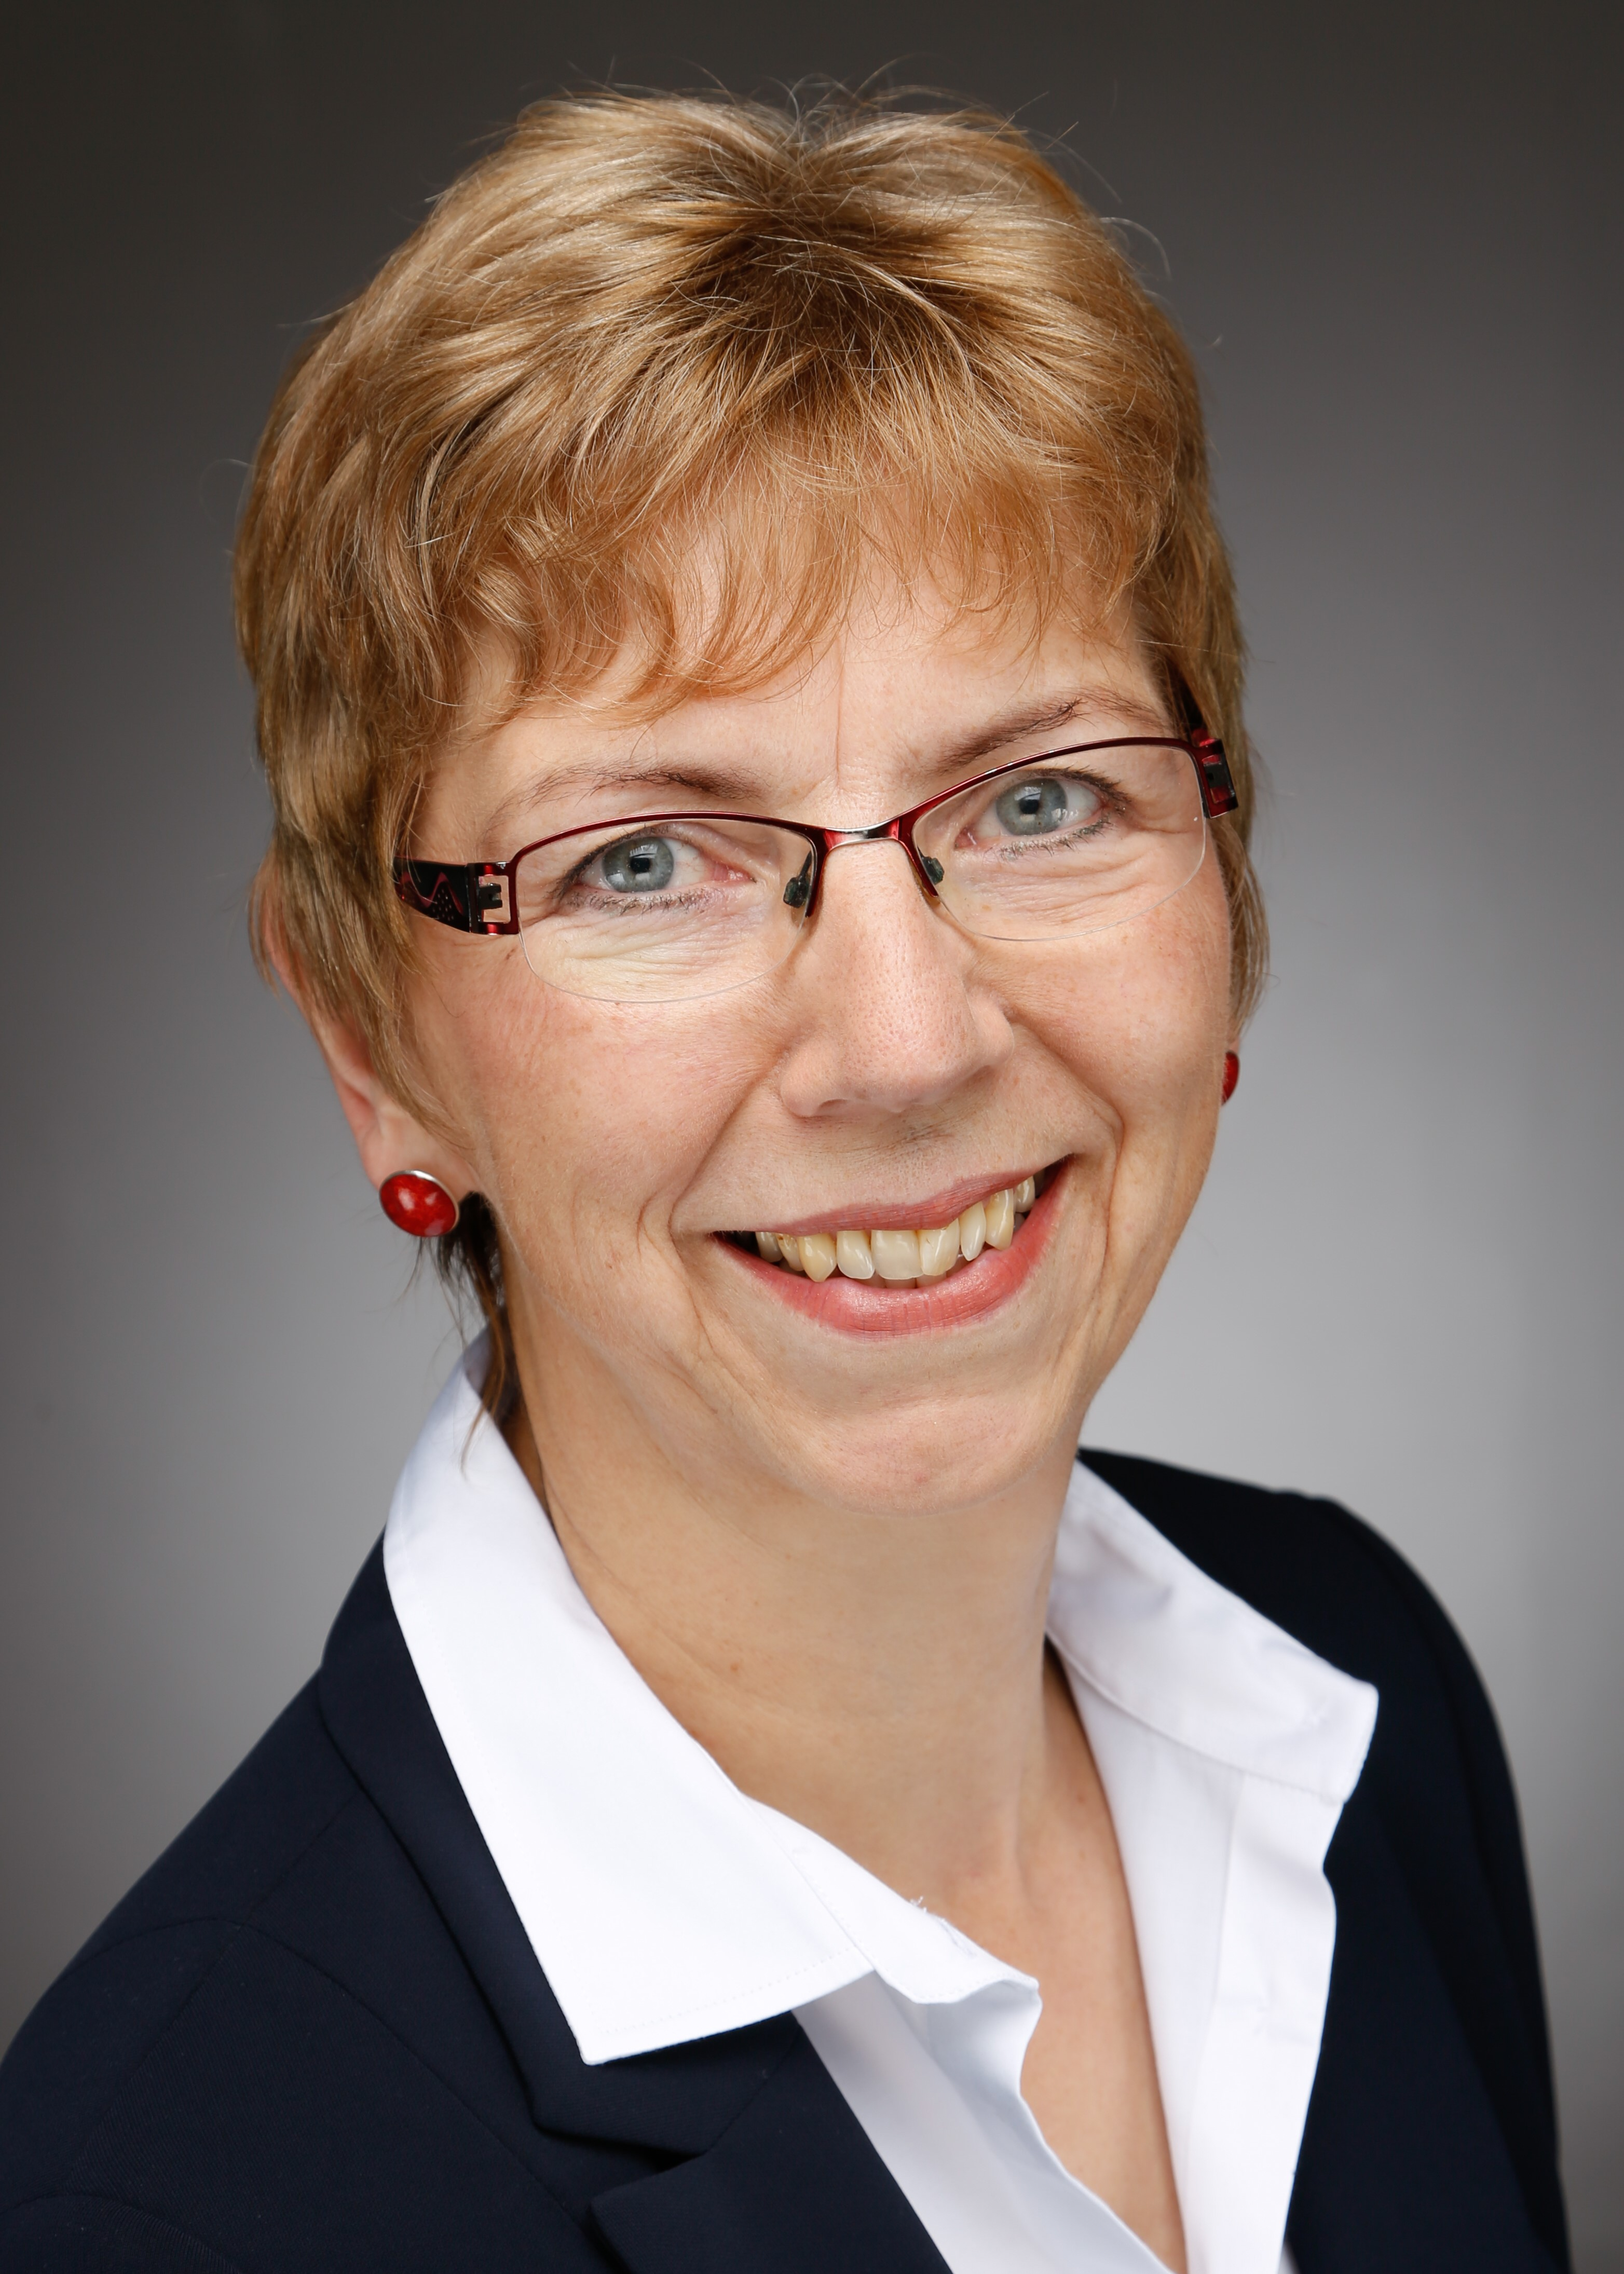 Prof. Dr. phil. Renate Stemmer